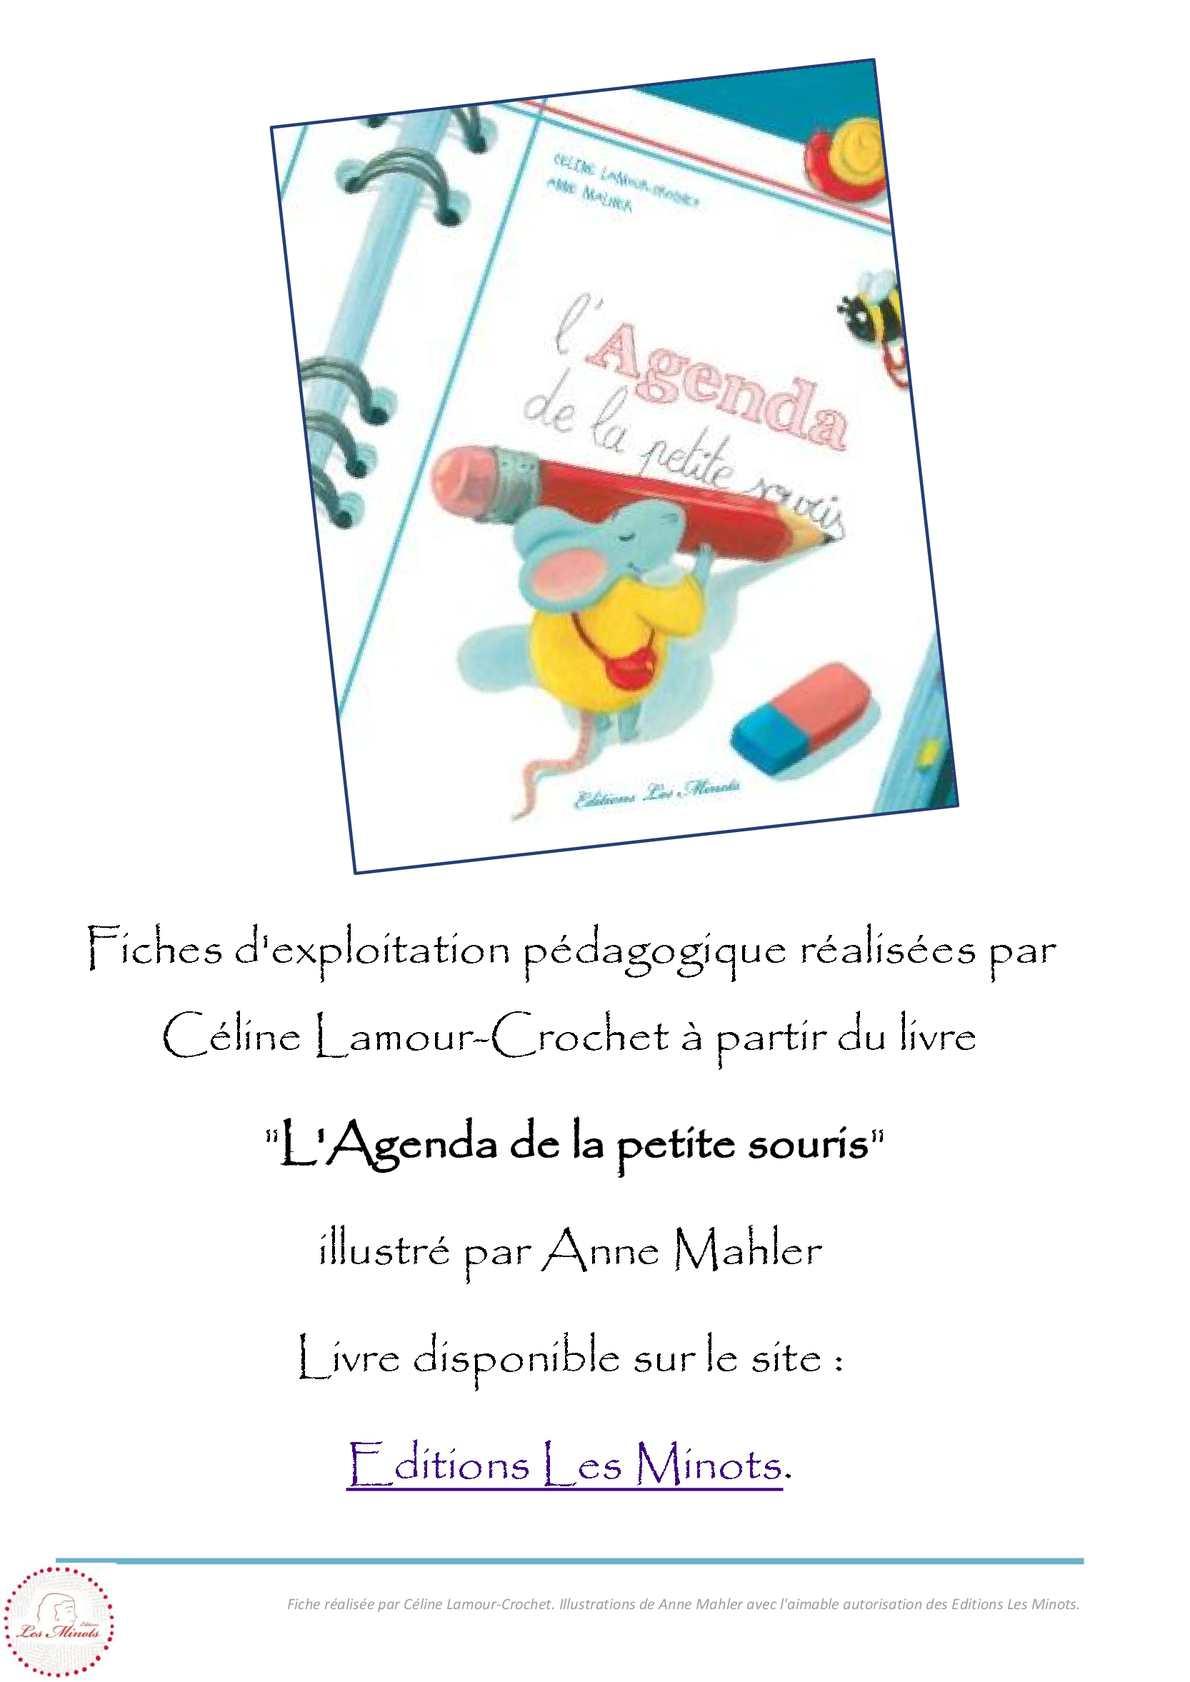 blogger.com - Animal Biology - La Dissection De La Souris